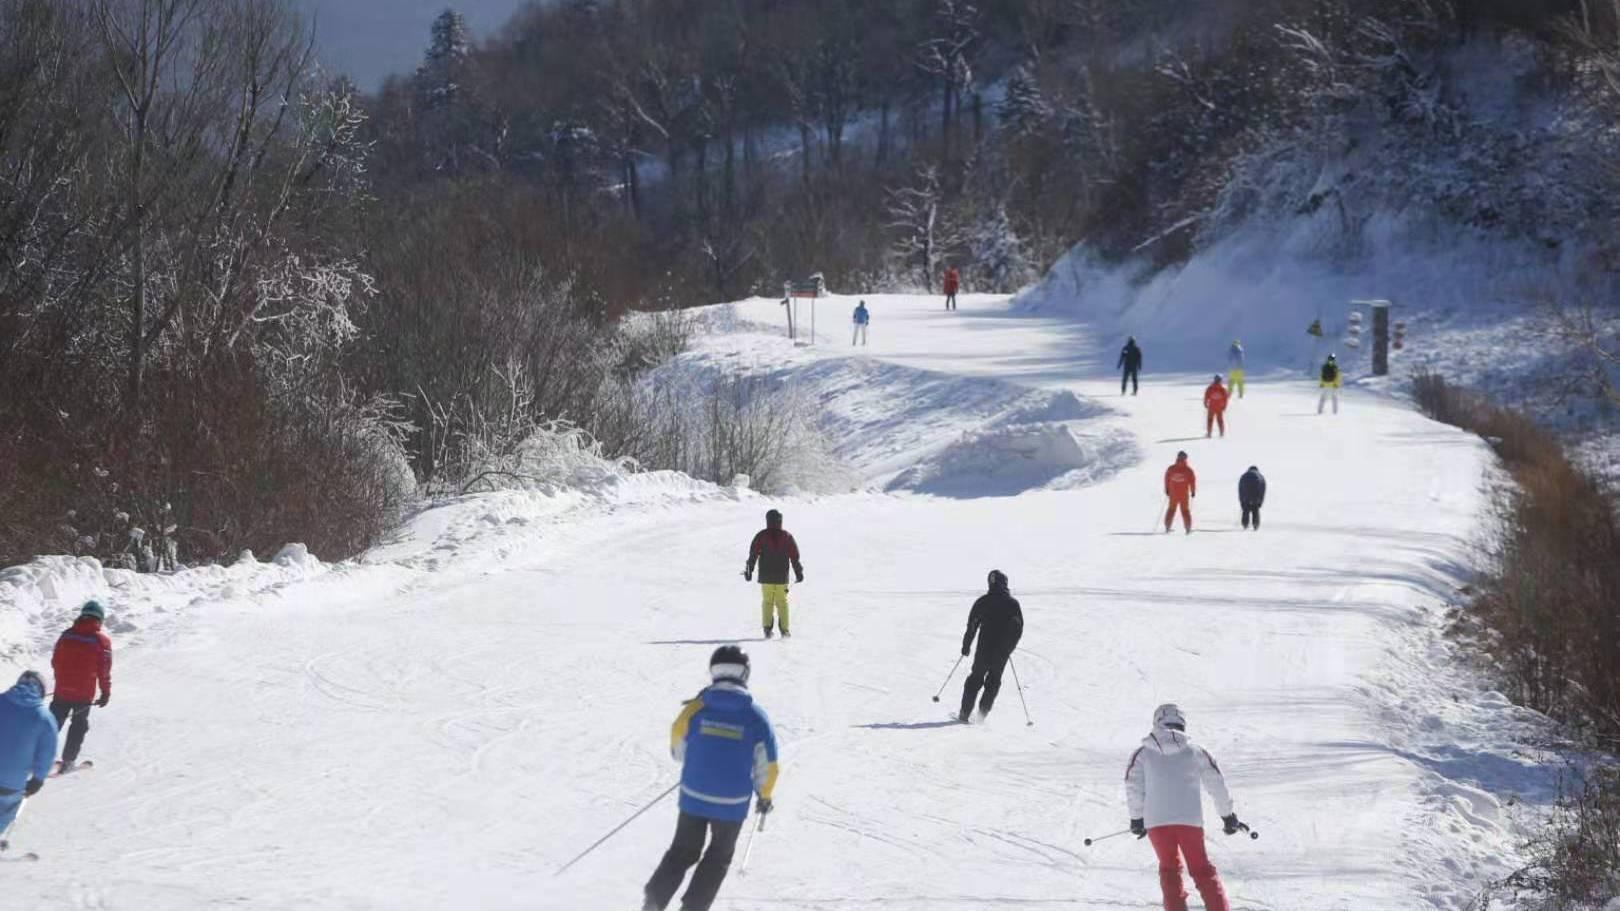 亚布力阳光开板首滑,今冬亚布力滑雪开启更加贴心服务